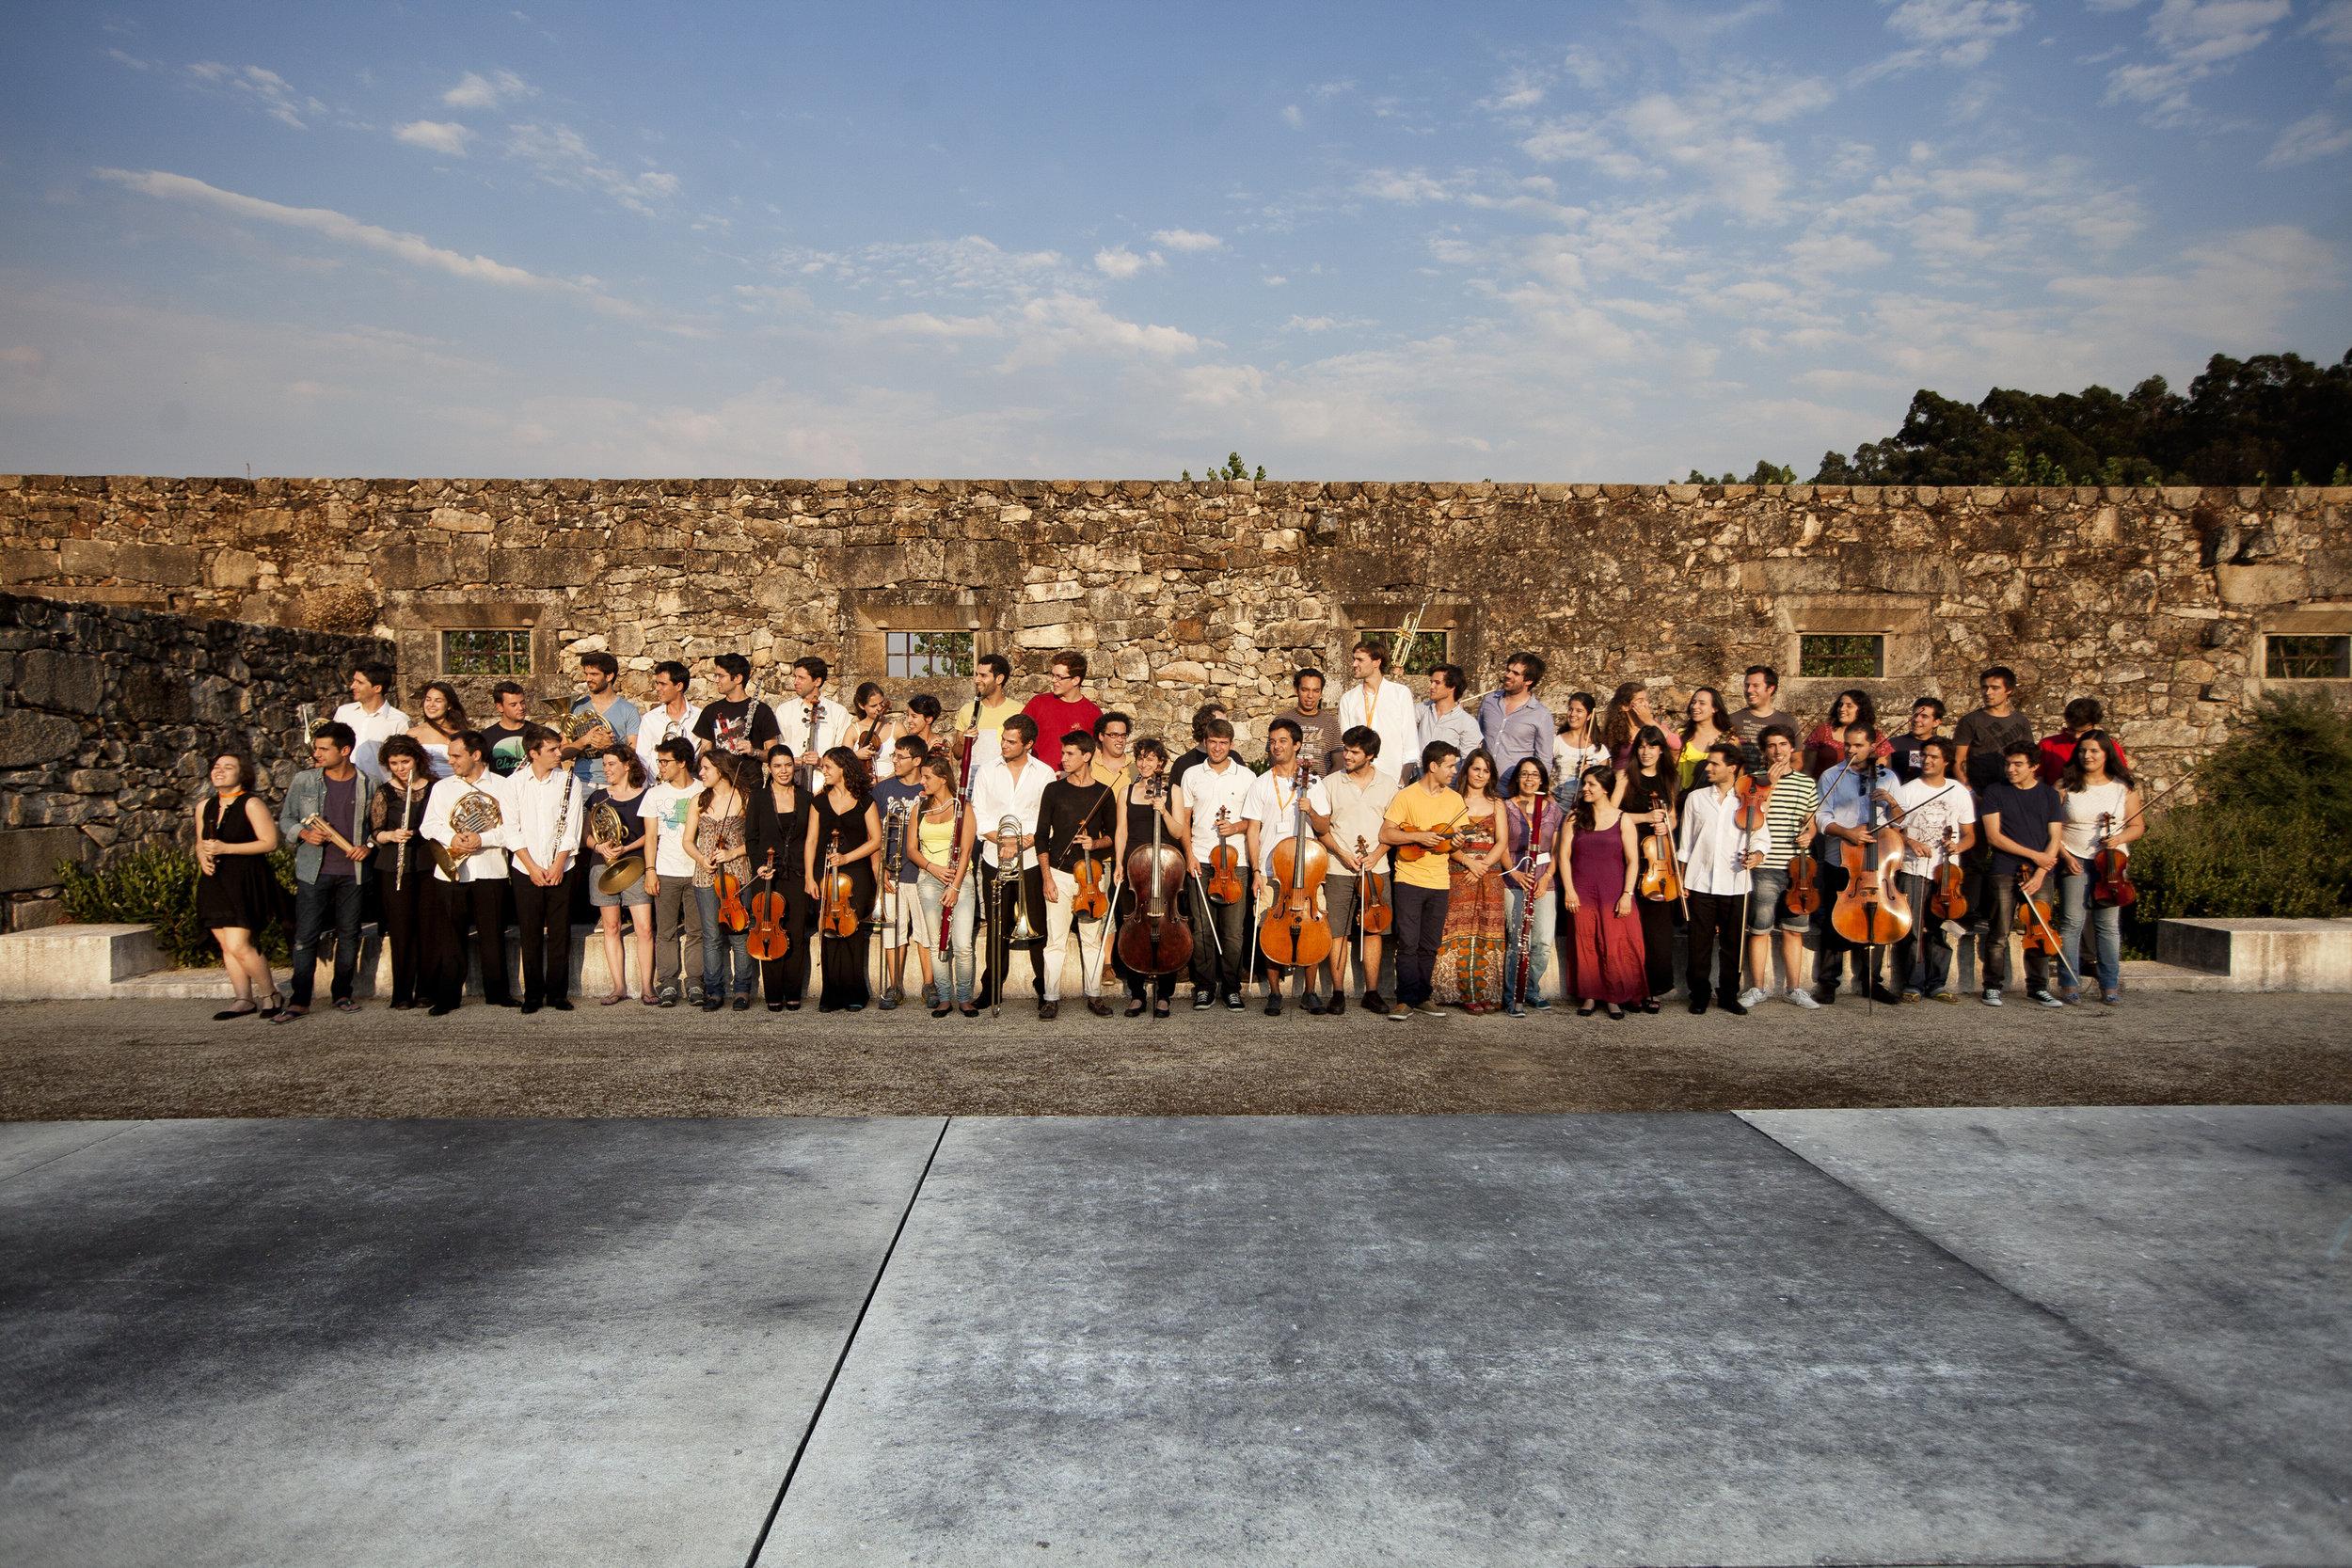 A primeira fotografia da orquestra XXI, no mosteiro de tibães em 2013 (c) joana bourgard/público